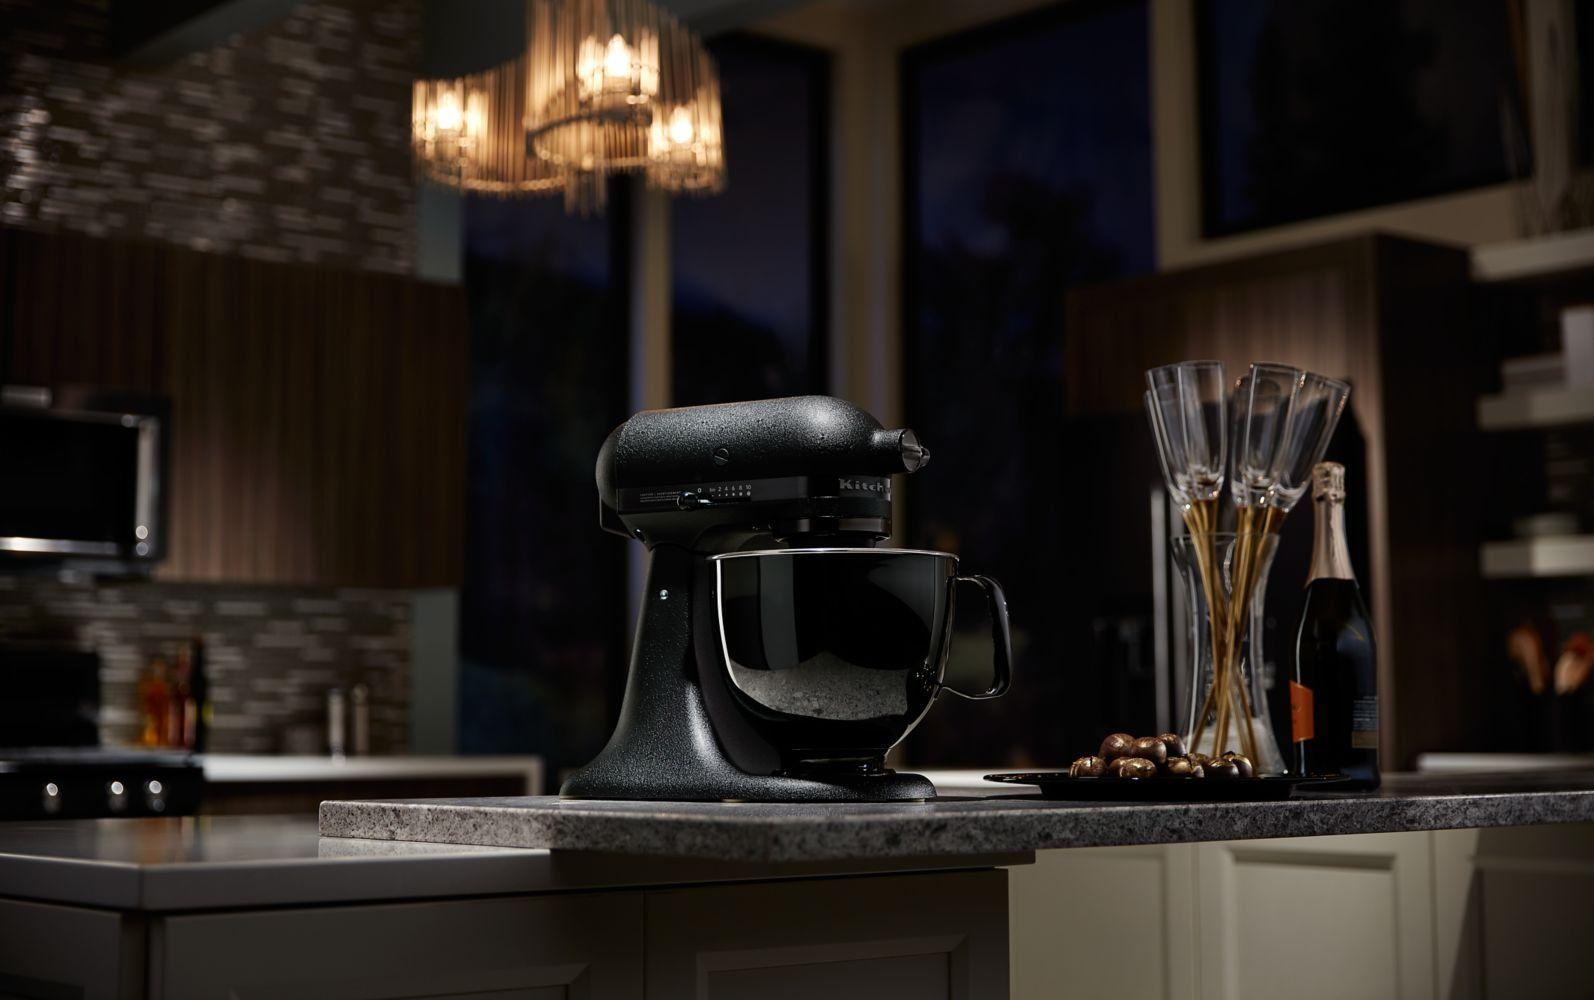 405cf01174c1be9de32505b84b032878 Limited Edition Kitchenaid Mixer Costco